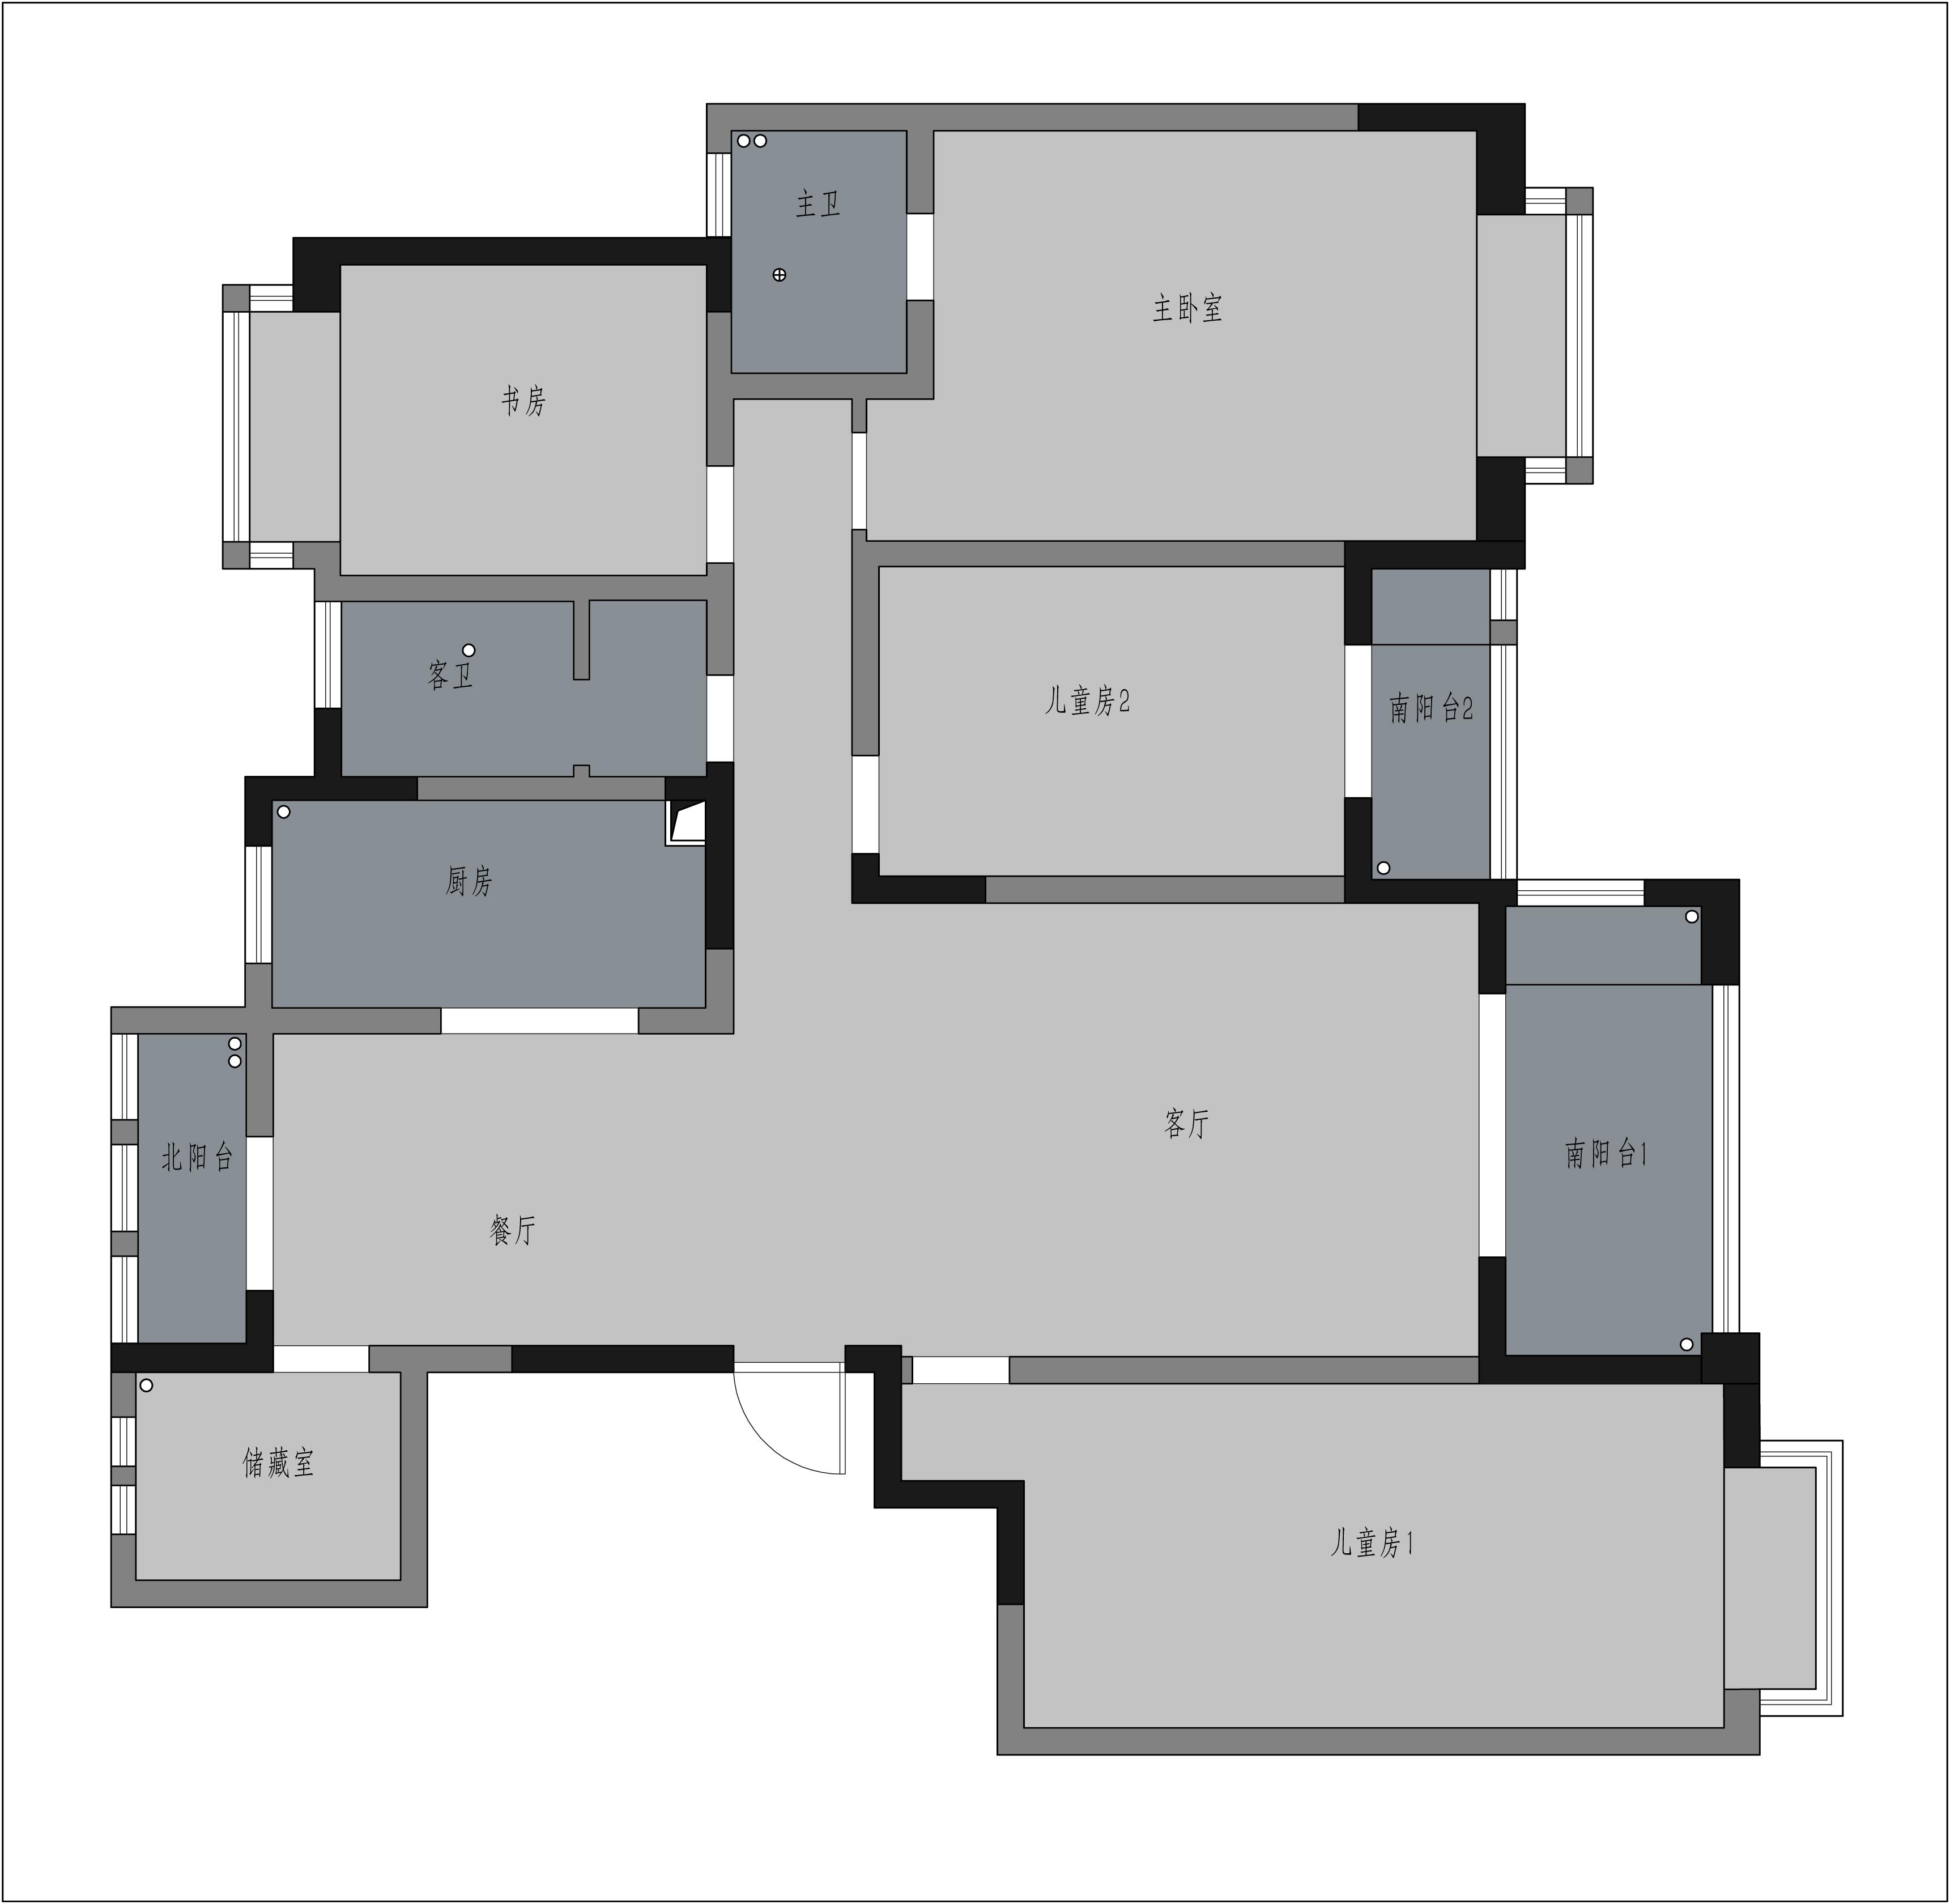 锦绣淮苑-160平米-现代简约风格-三室两厅装修效果图装修设计理念